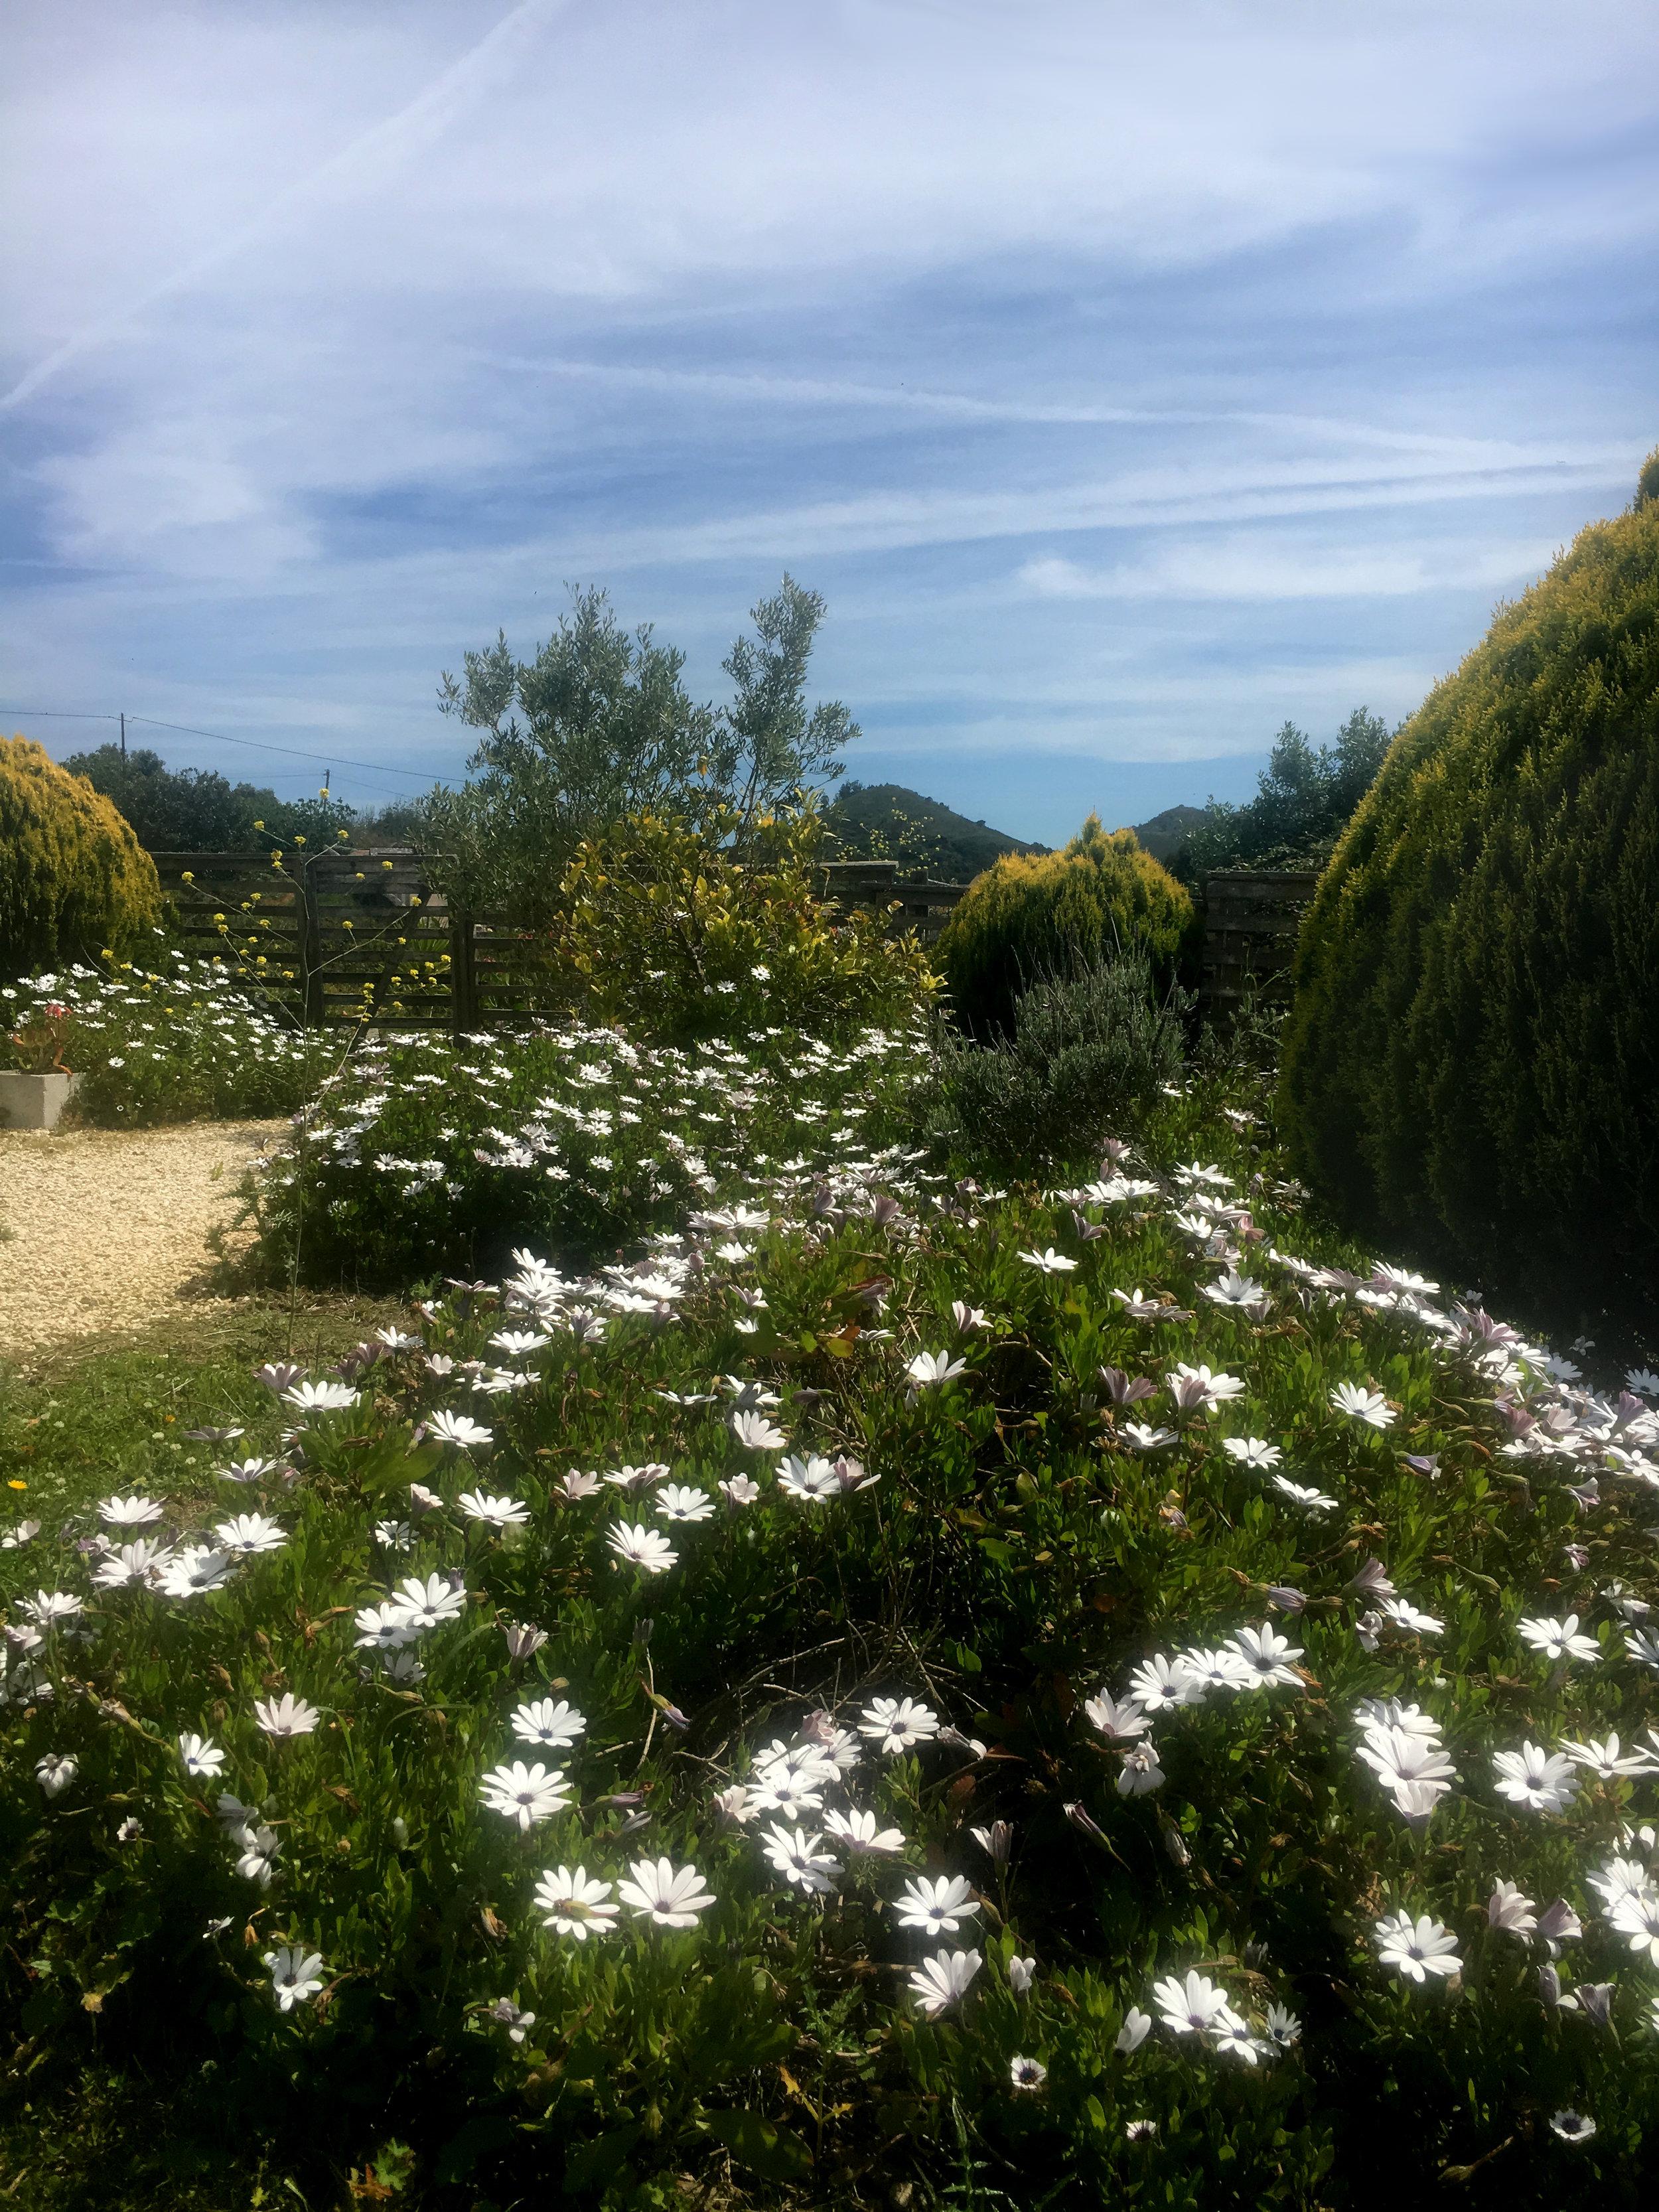 Art-cafe-garden-view.jpg